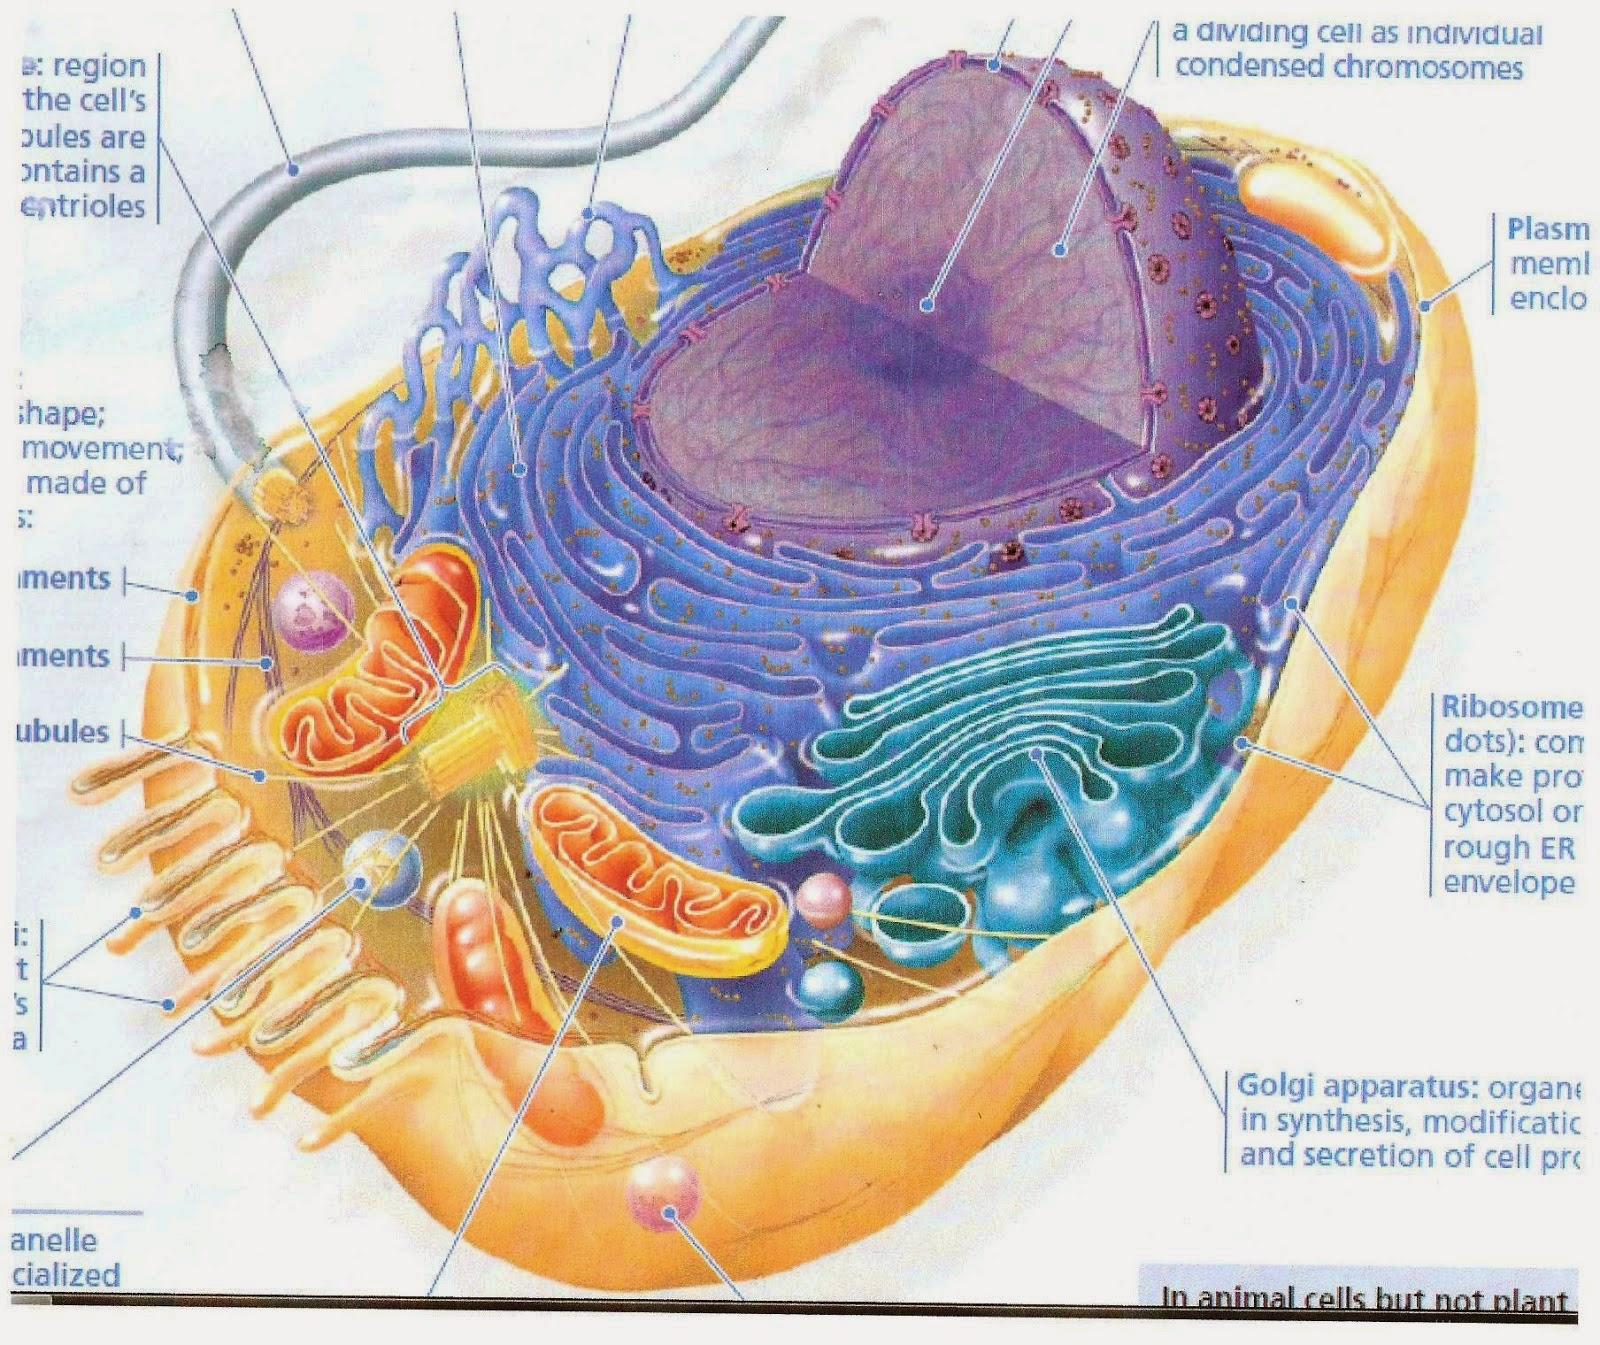 Gambar sel hewan unsur terkecil dalam susunan jaringan hewan adalah